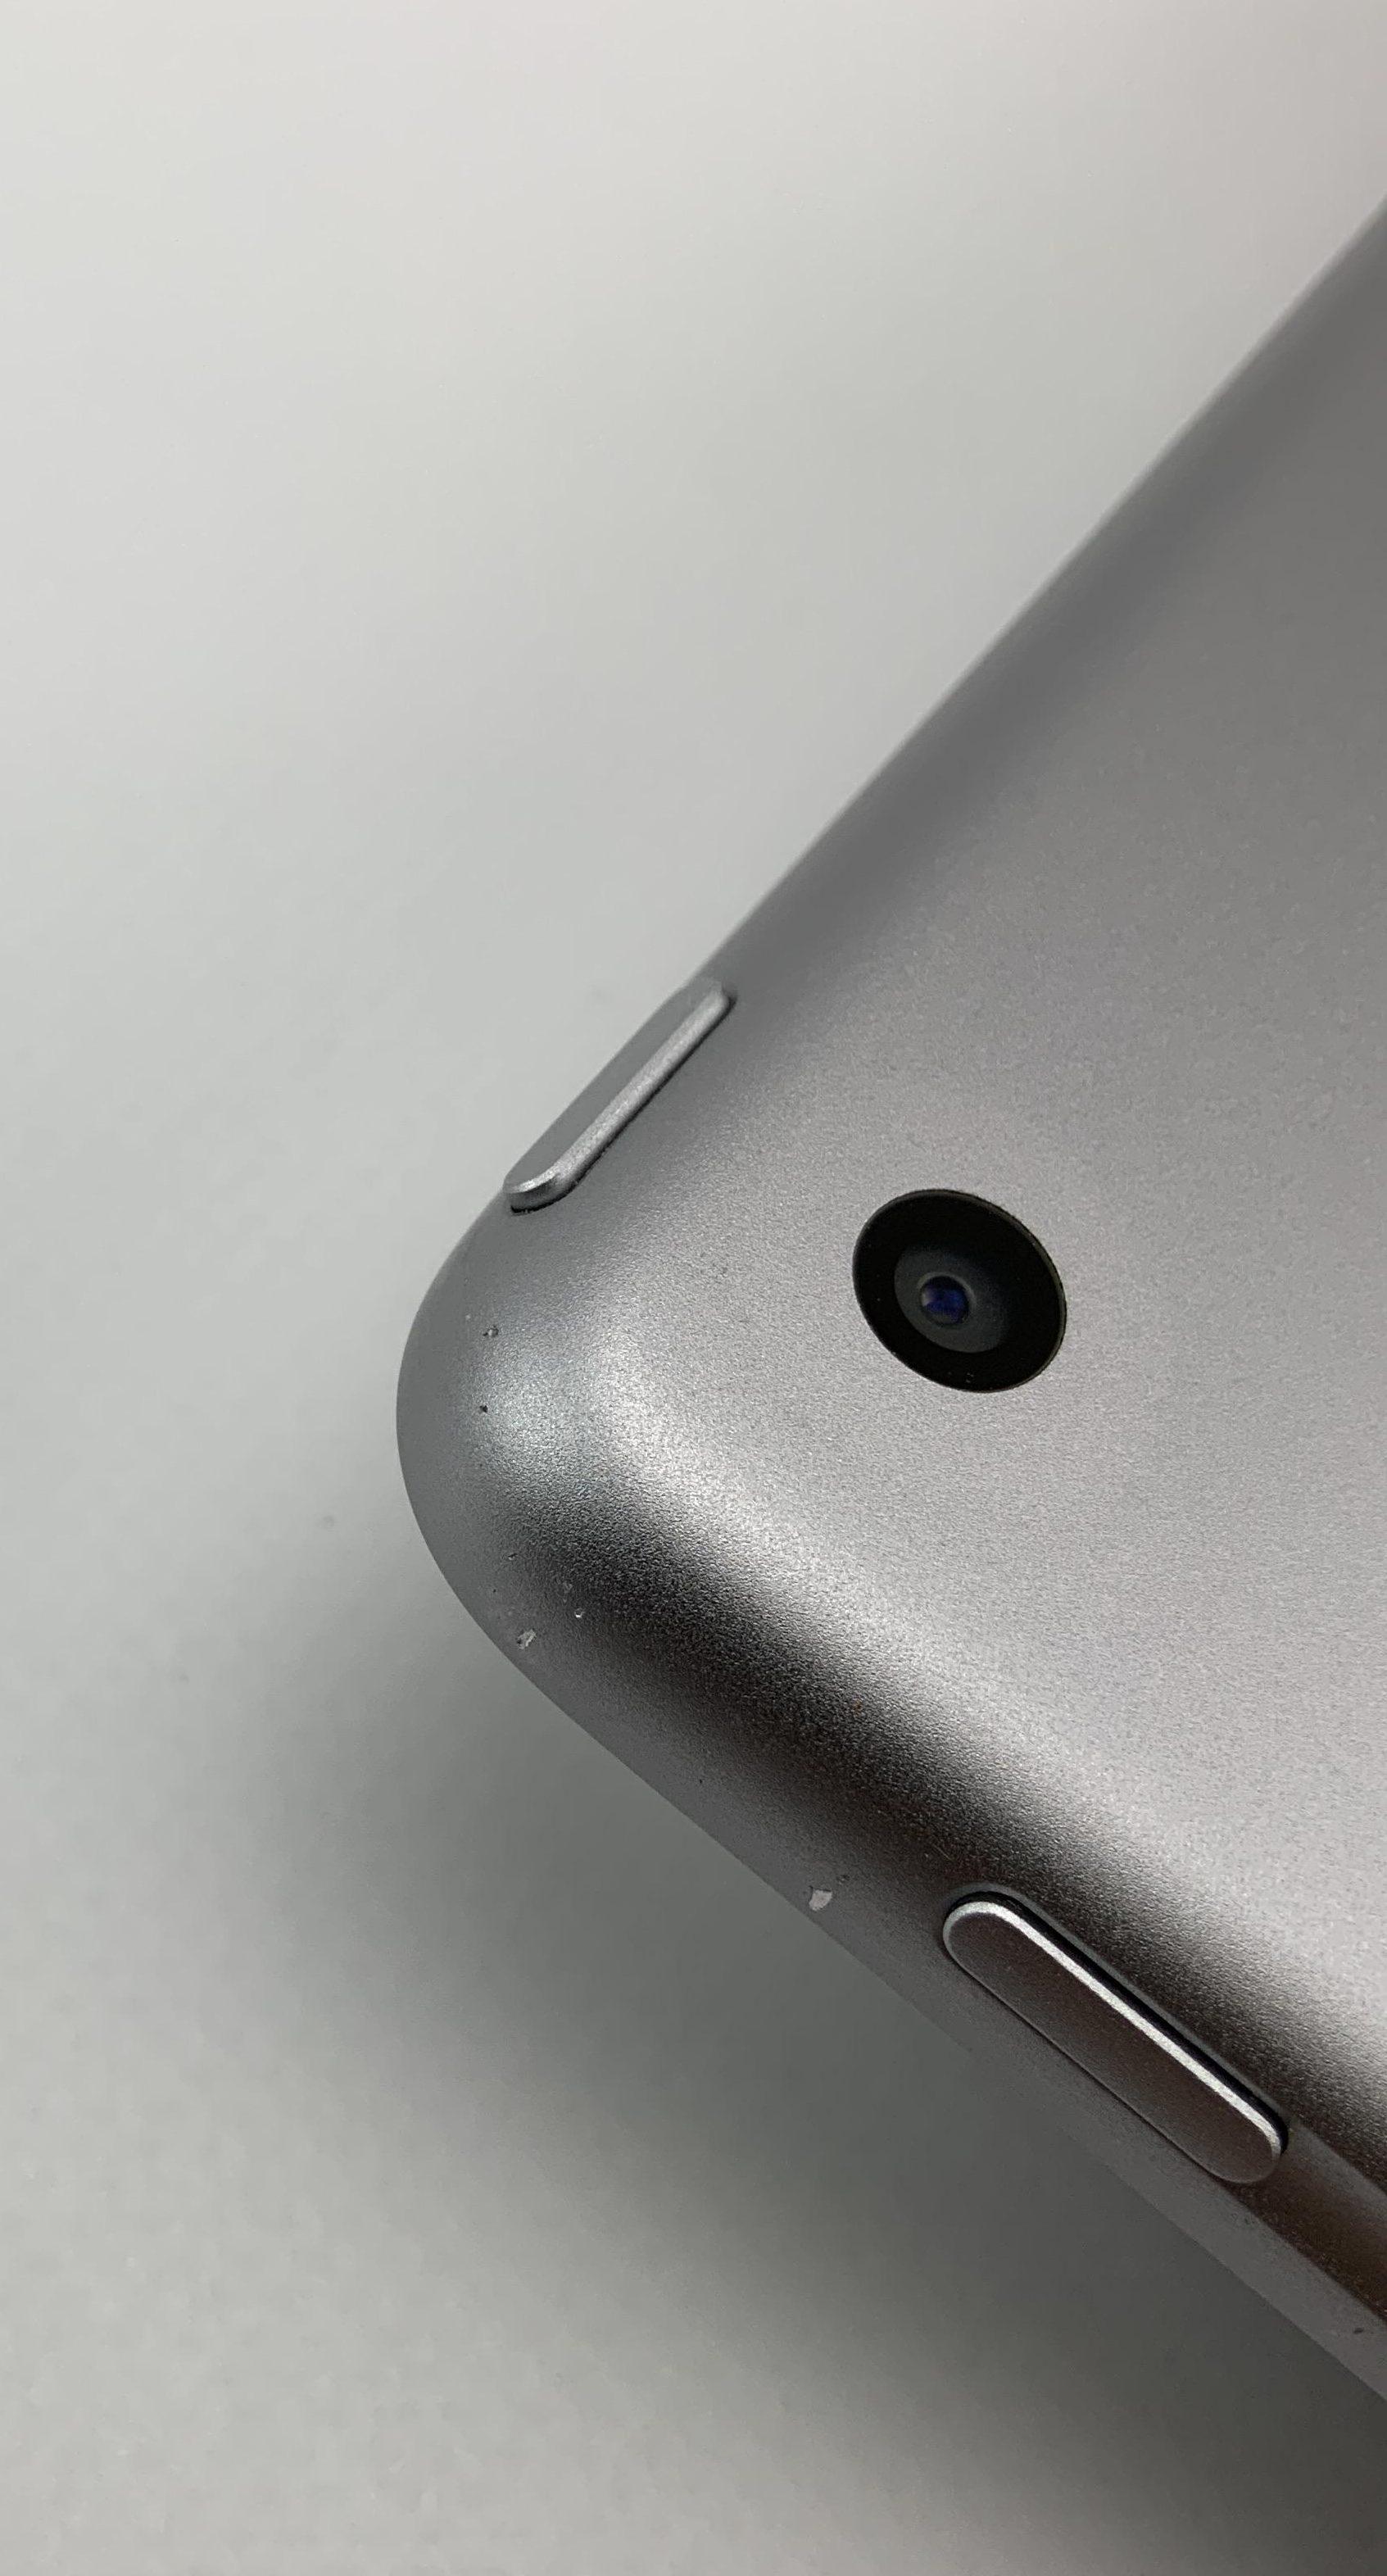 iPad 6 Wi-Fi 128GB, 128GB, Space Gray, Afbeelding 5